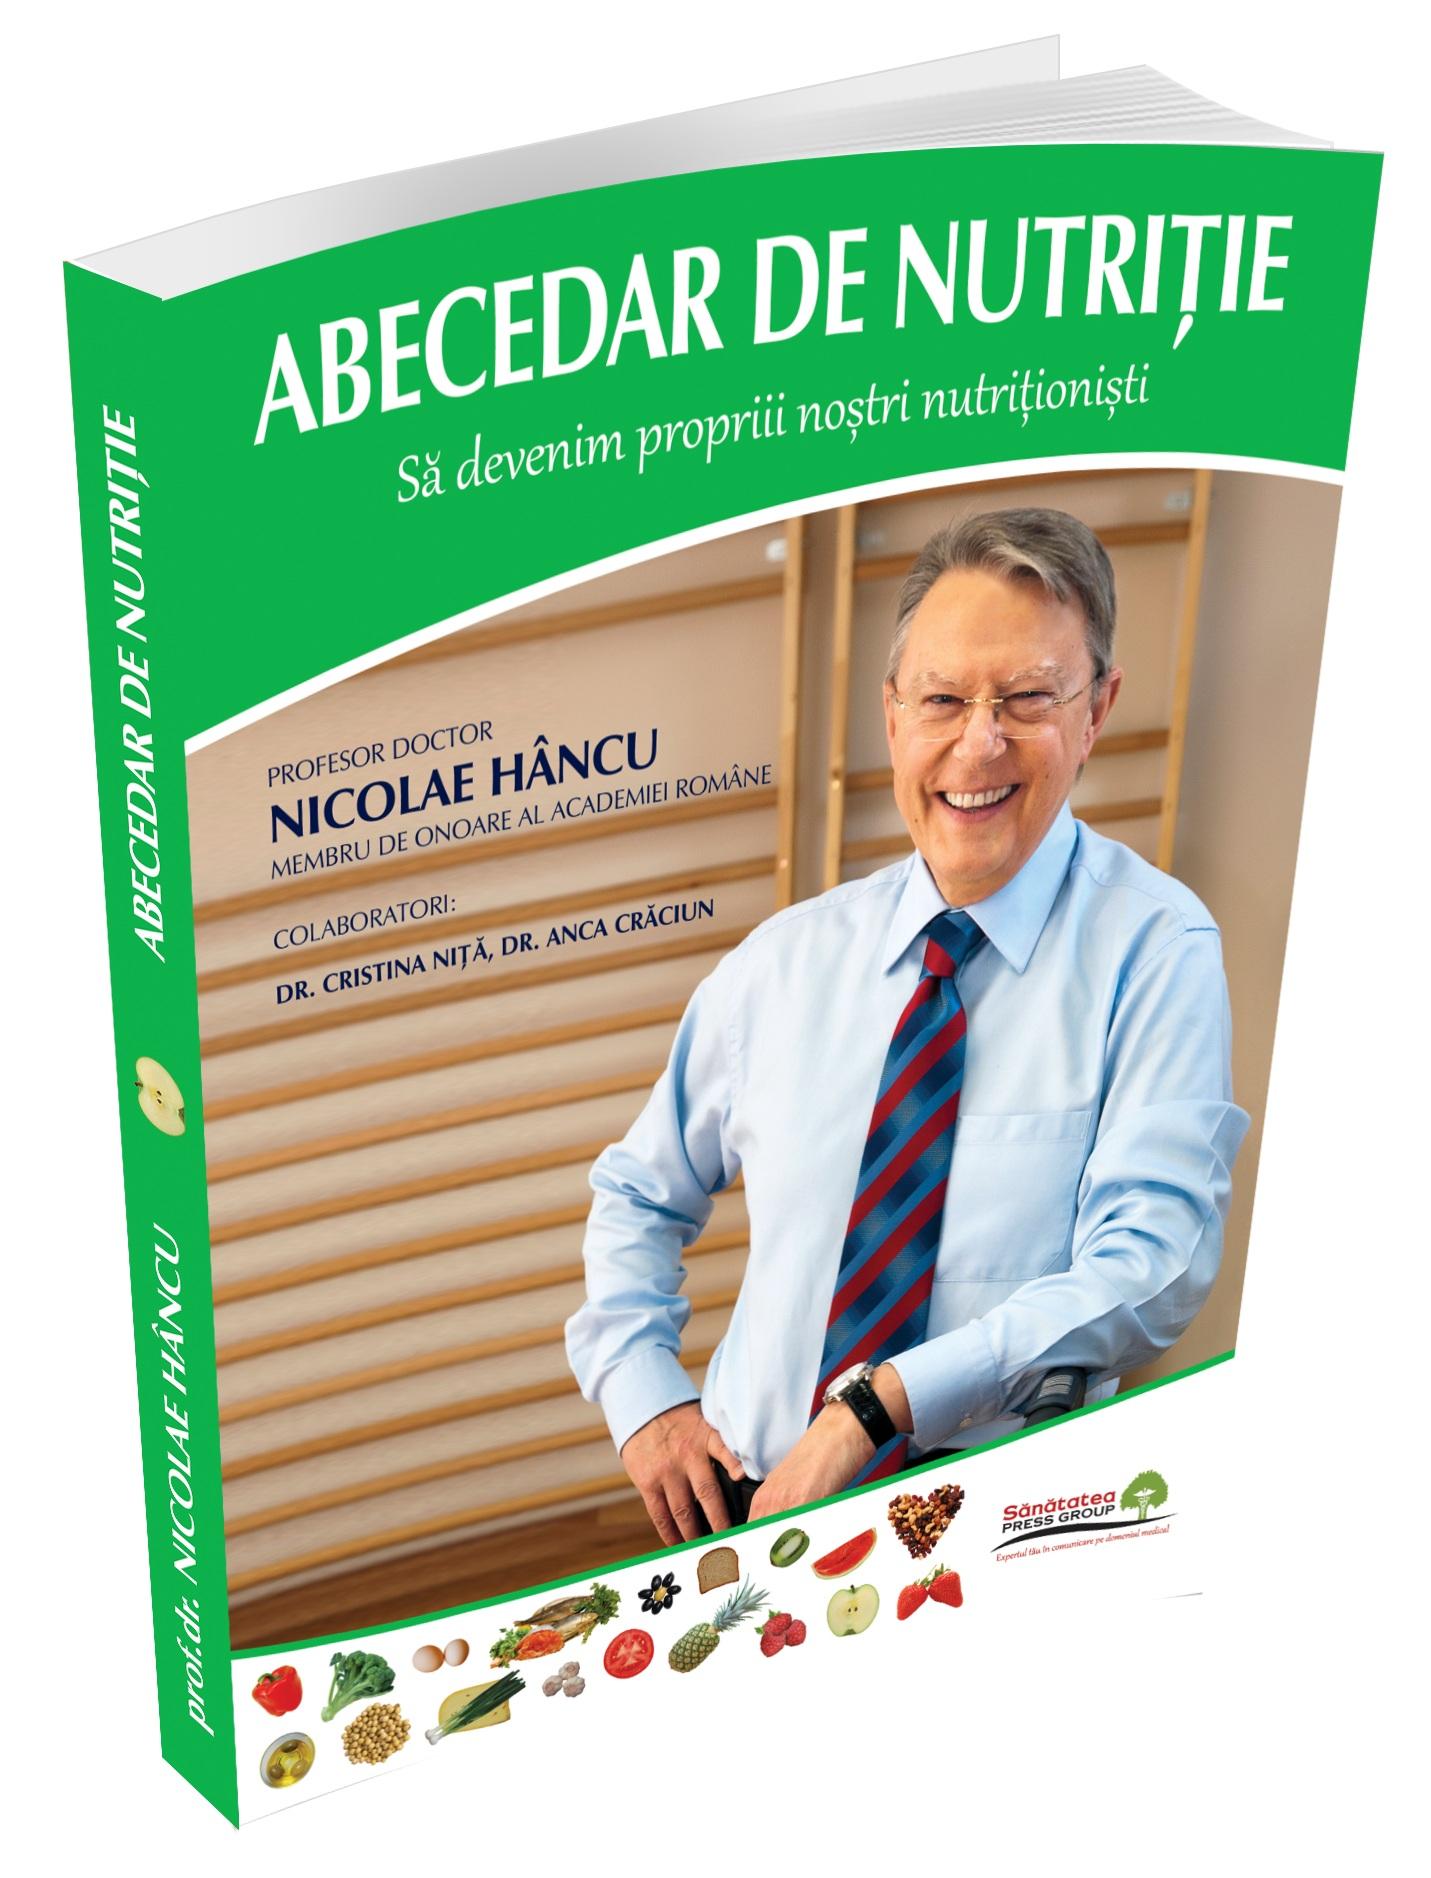 Abecedarul de Nutriţie - Cum asociem alimentaţia echilibrată cu un stil de viaţă sănătos